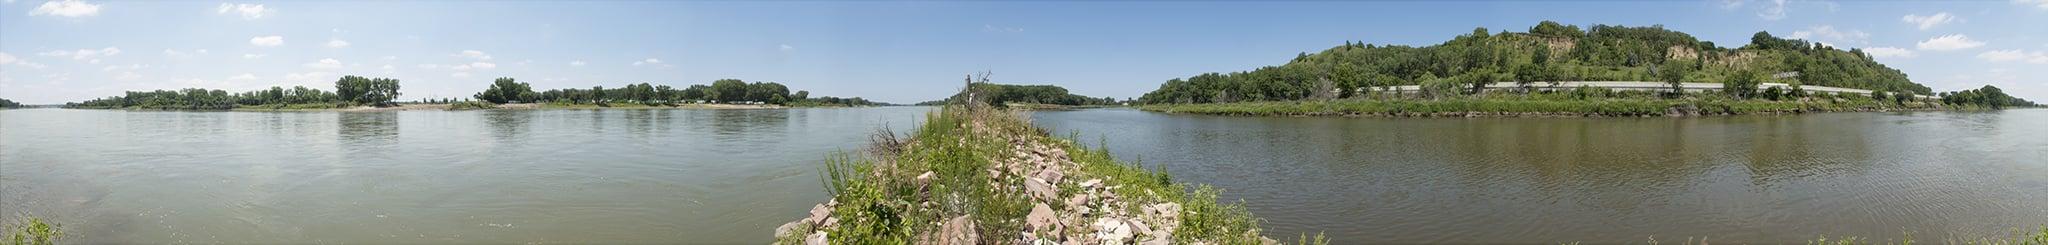 Tri-point of Iowa, Nebraska, and South Dakota.